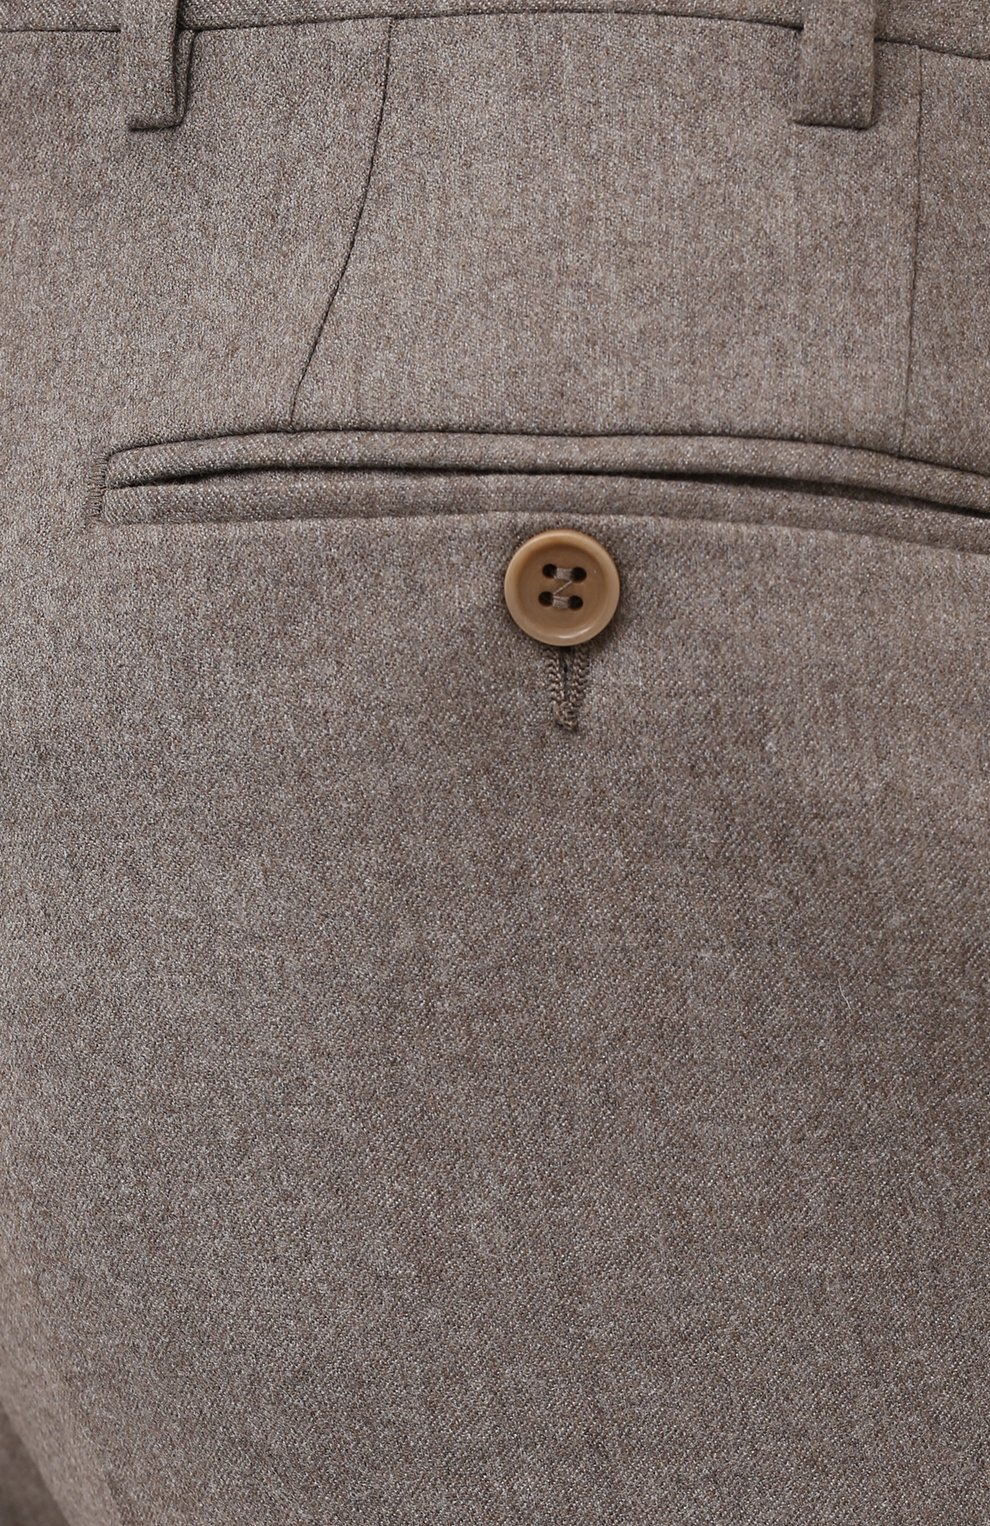 Мужские шерстяные брюки CANALI темно-бежевого цвета, арт. 71012/AN00019   Фото 5 (Материал внешний: Шерсть; Длина (брюки, джинсы): Стандартные; Случай: Повседневный; Стили: Классический; Материал подклада: Вискоза)